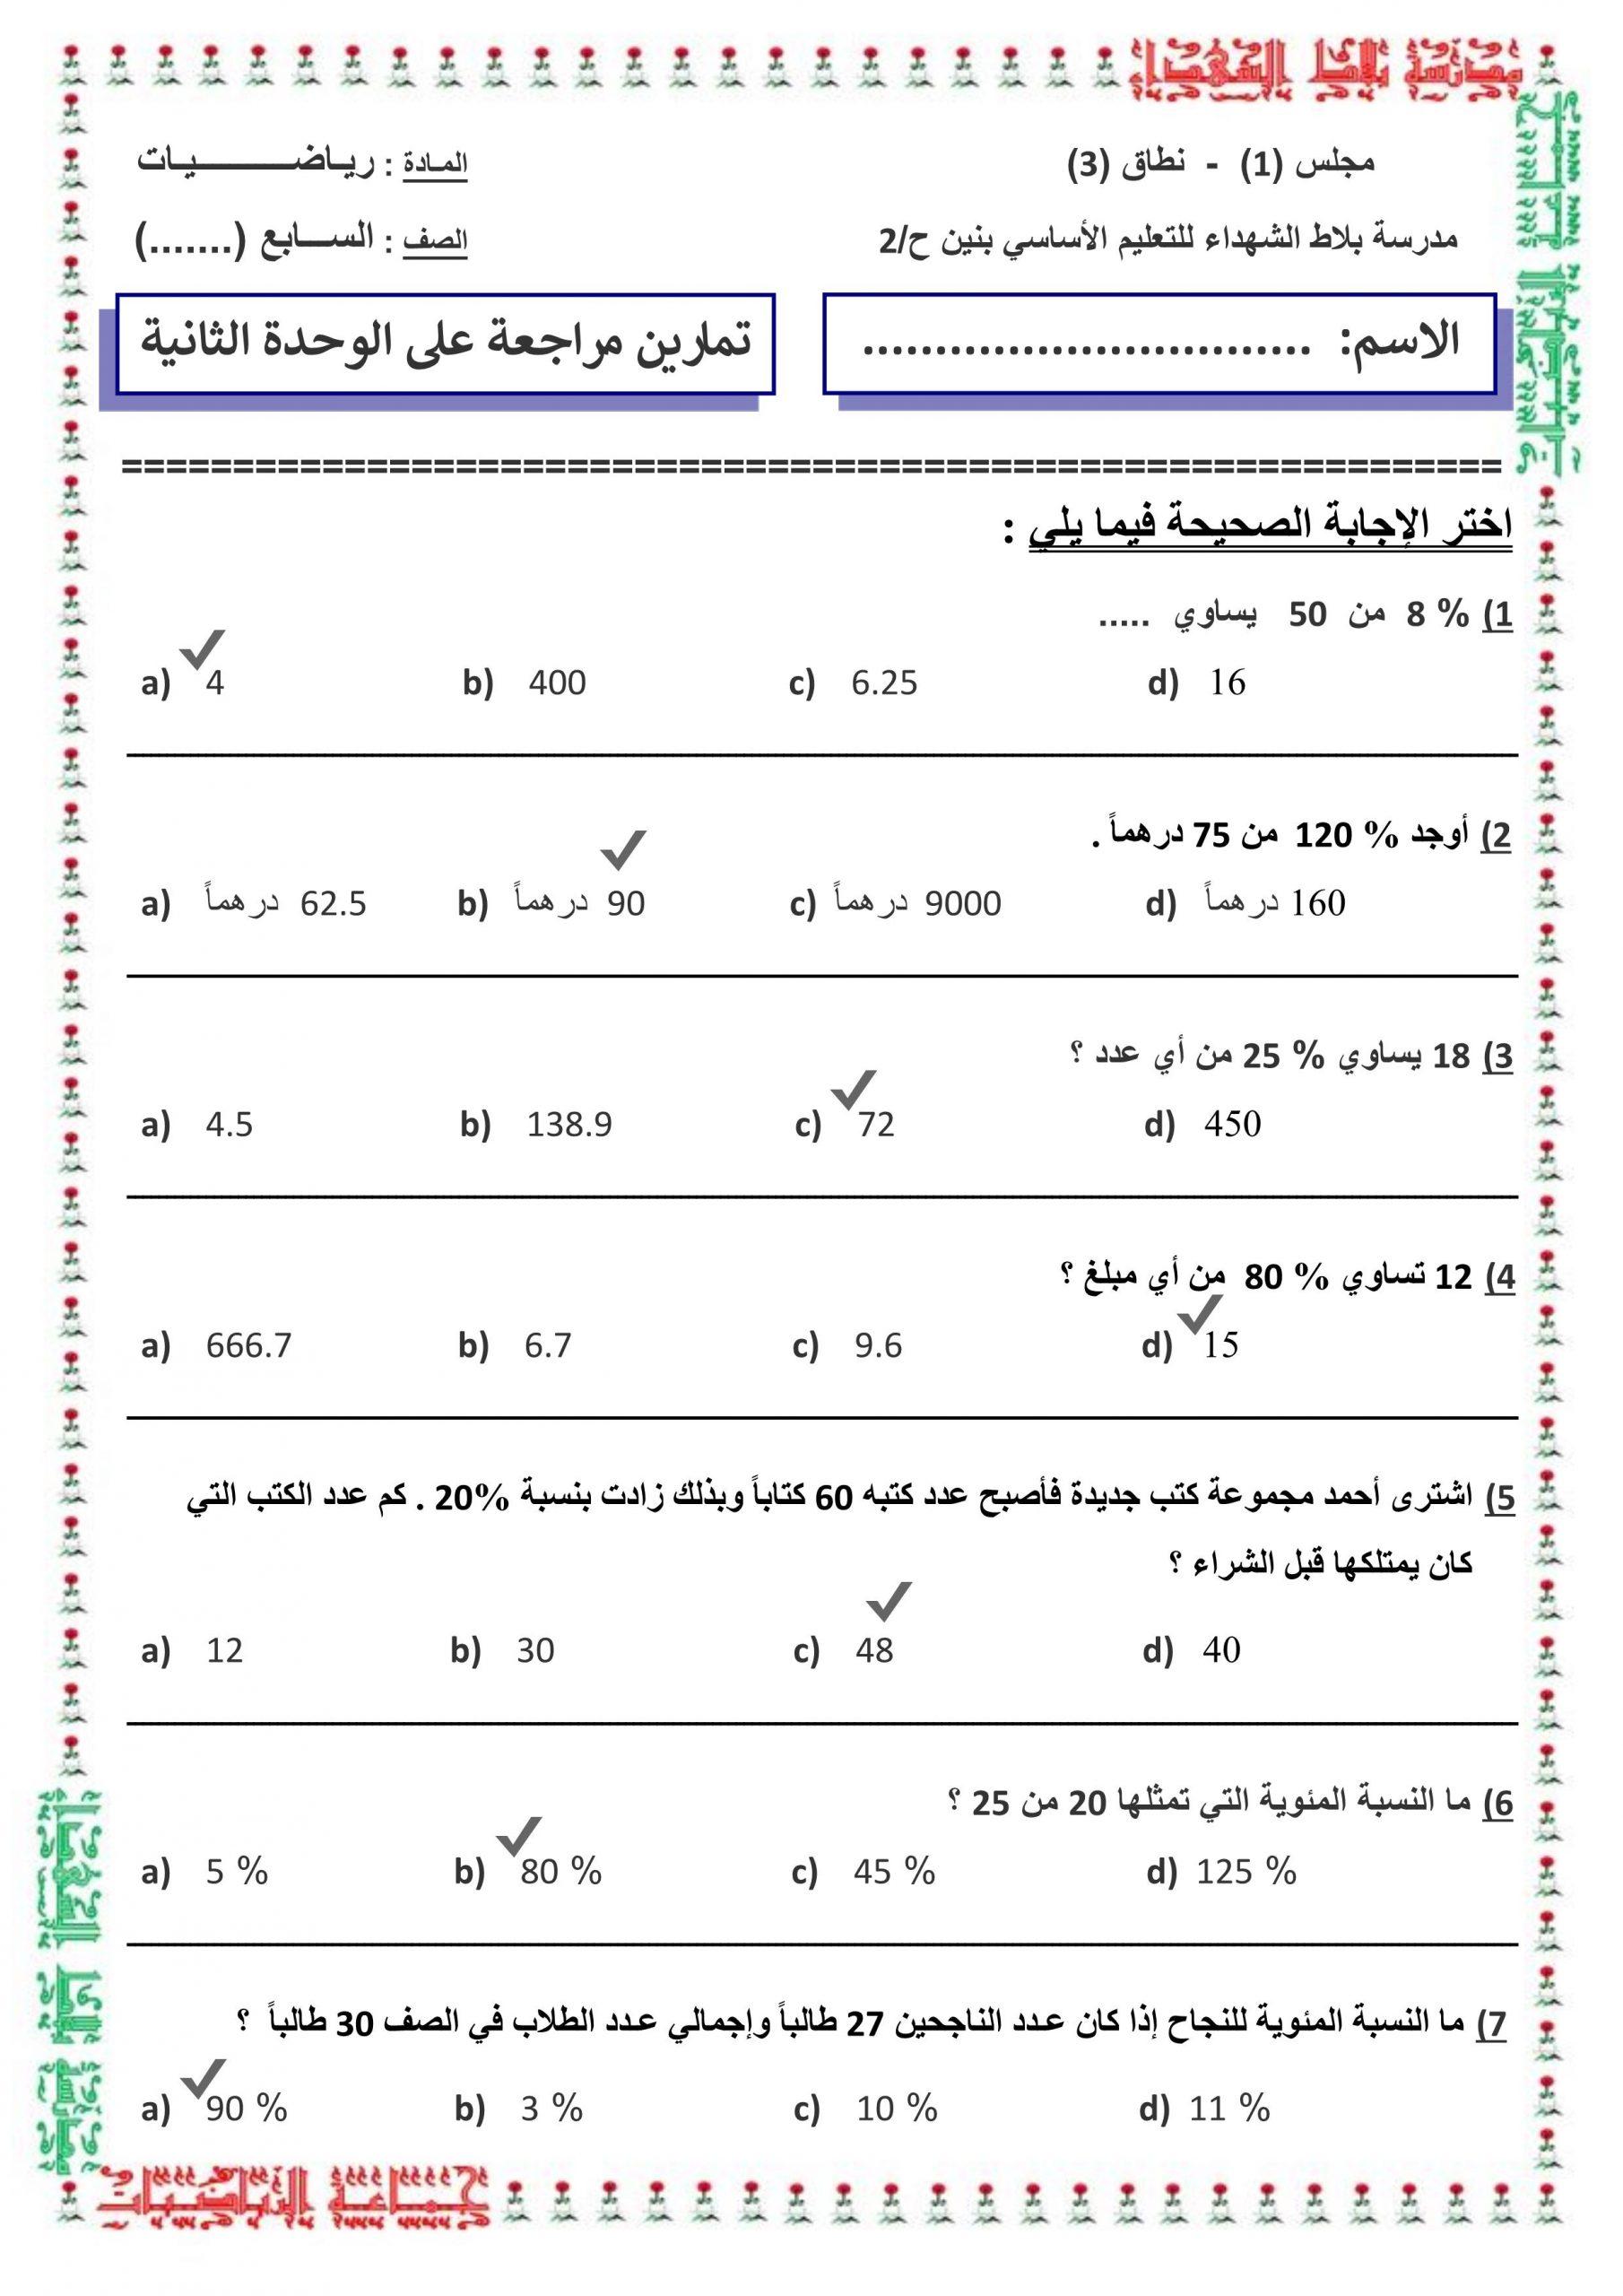 حل اوراق عمل الوحدة الثانية الصف السابع مادة الرياضيات المتكاملة